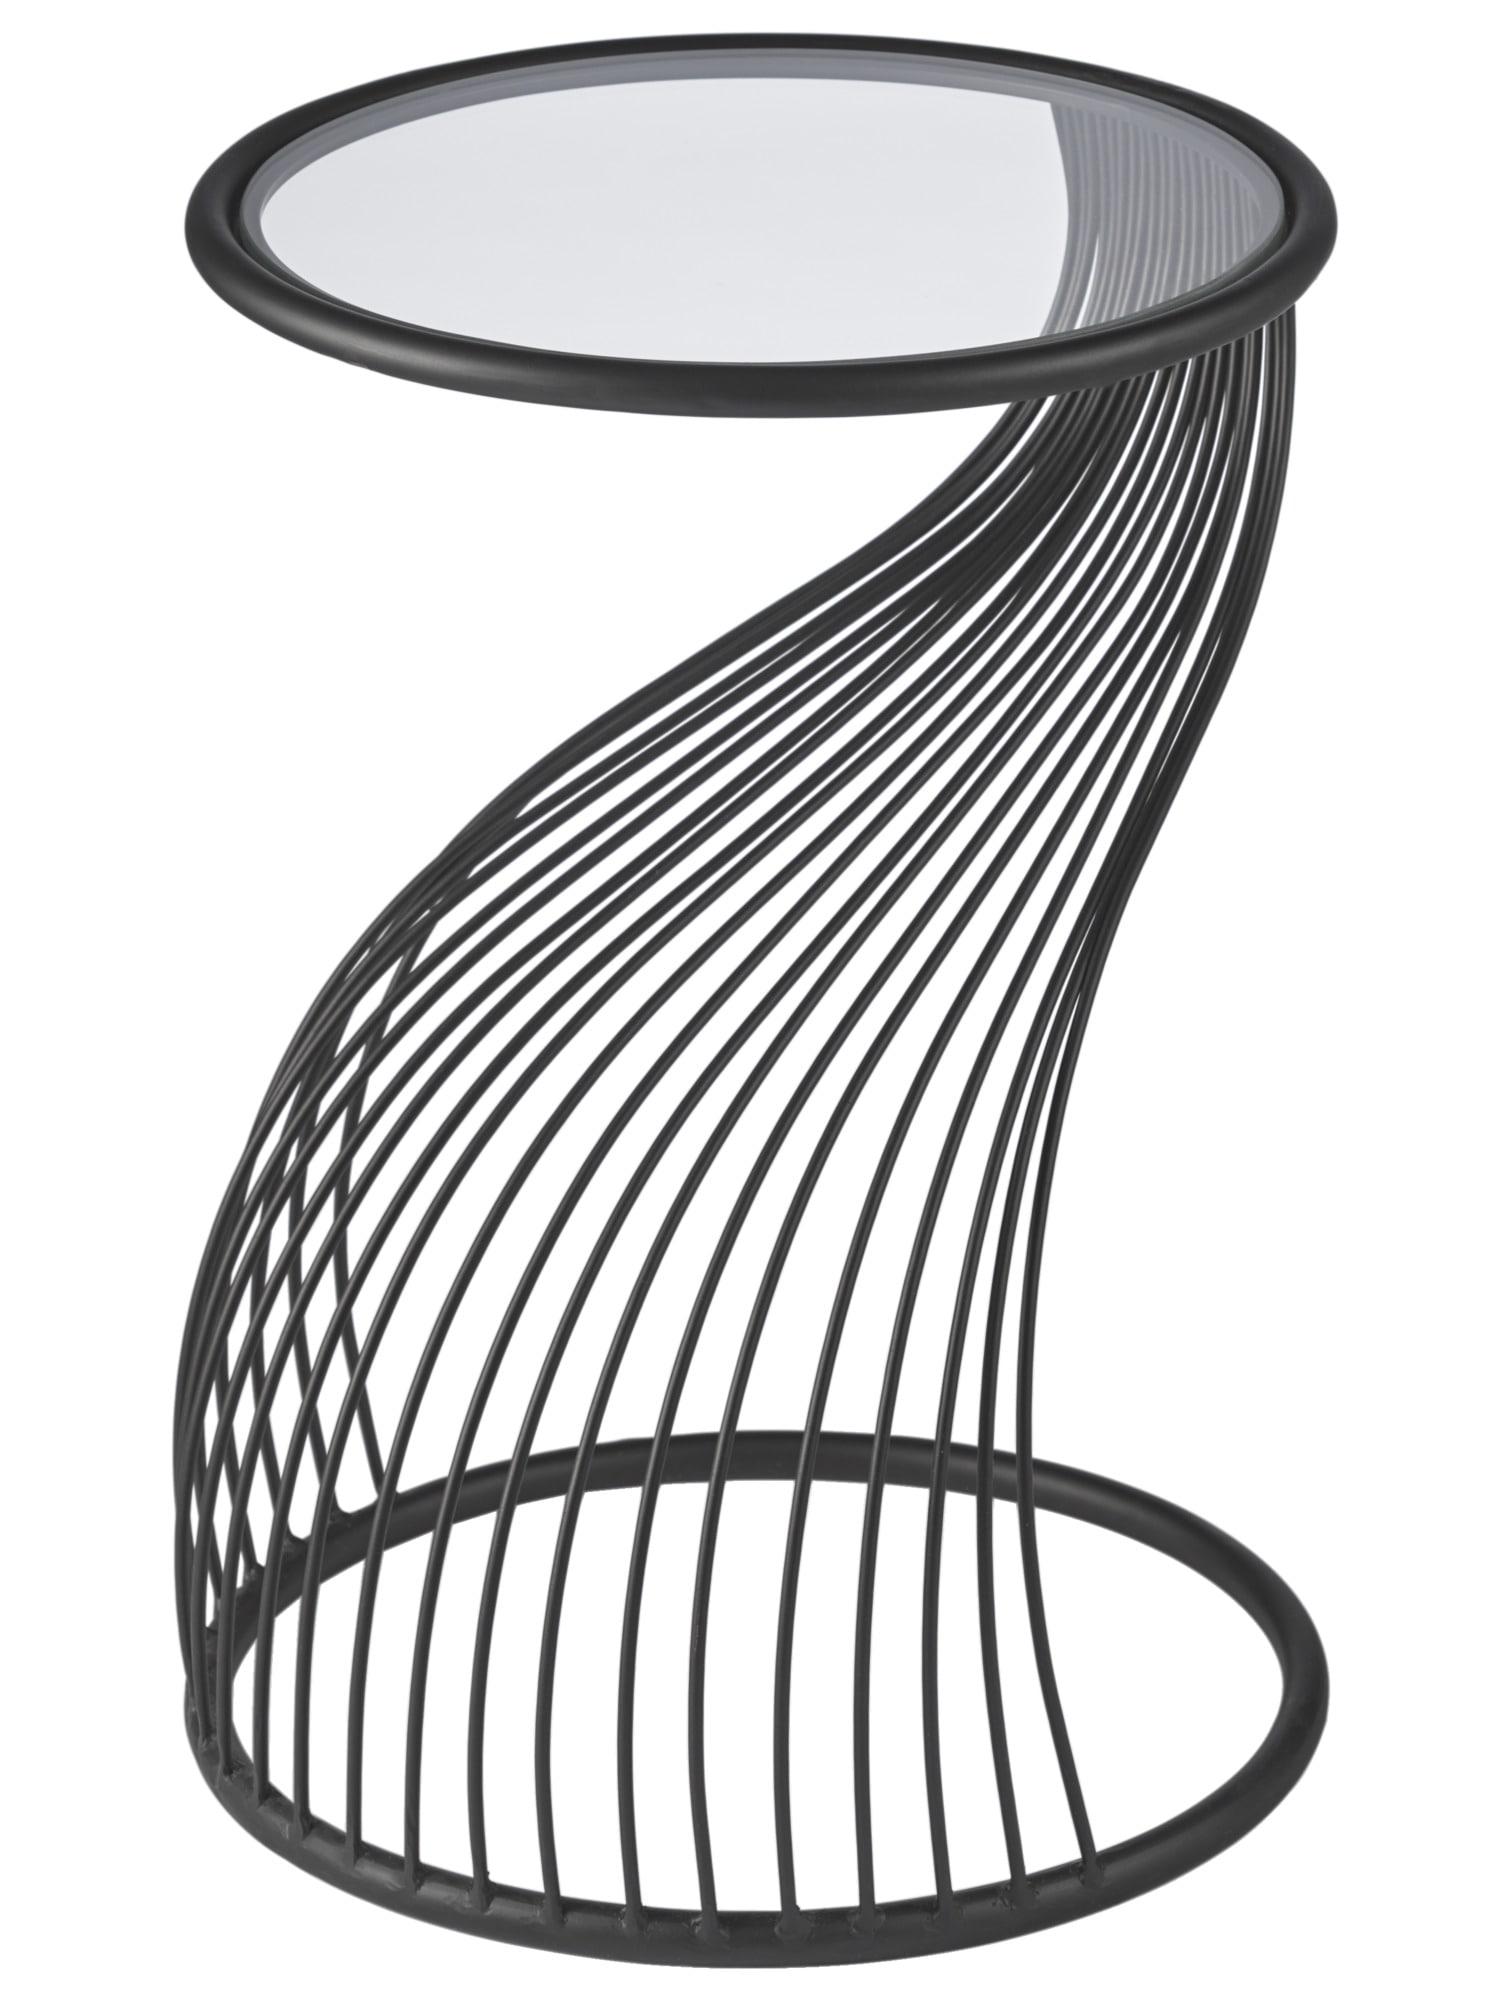 heine home Beistelltisch in dekorativ geschwungener Form Wohnen/Möbel/Tische/Beistelltische